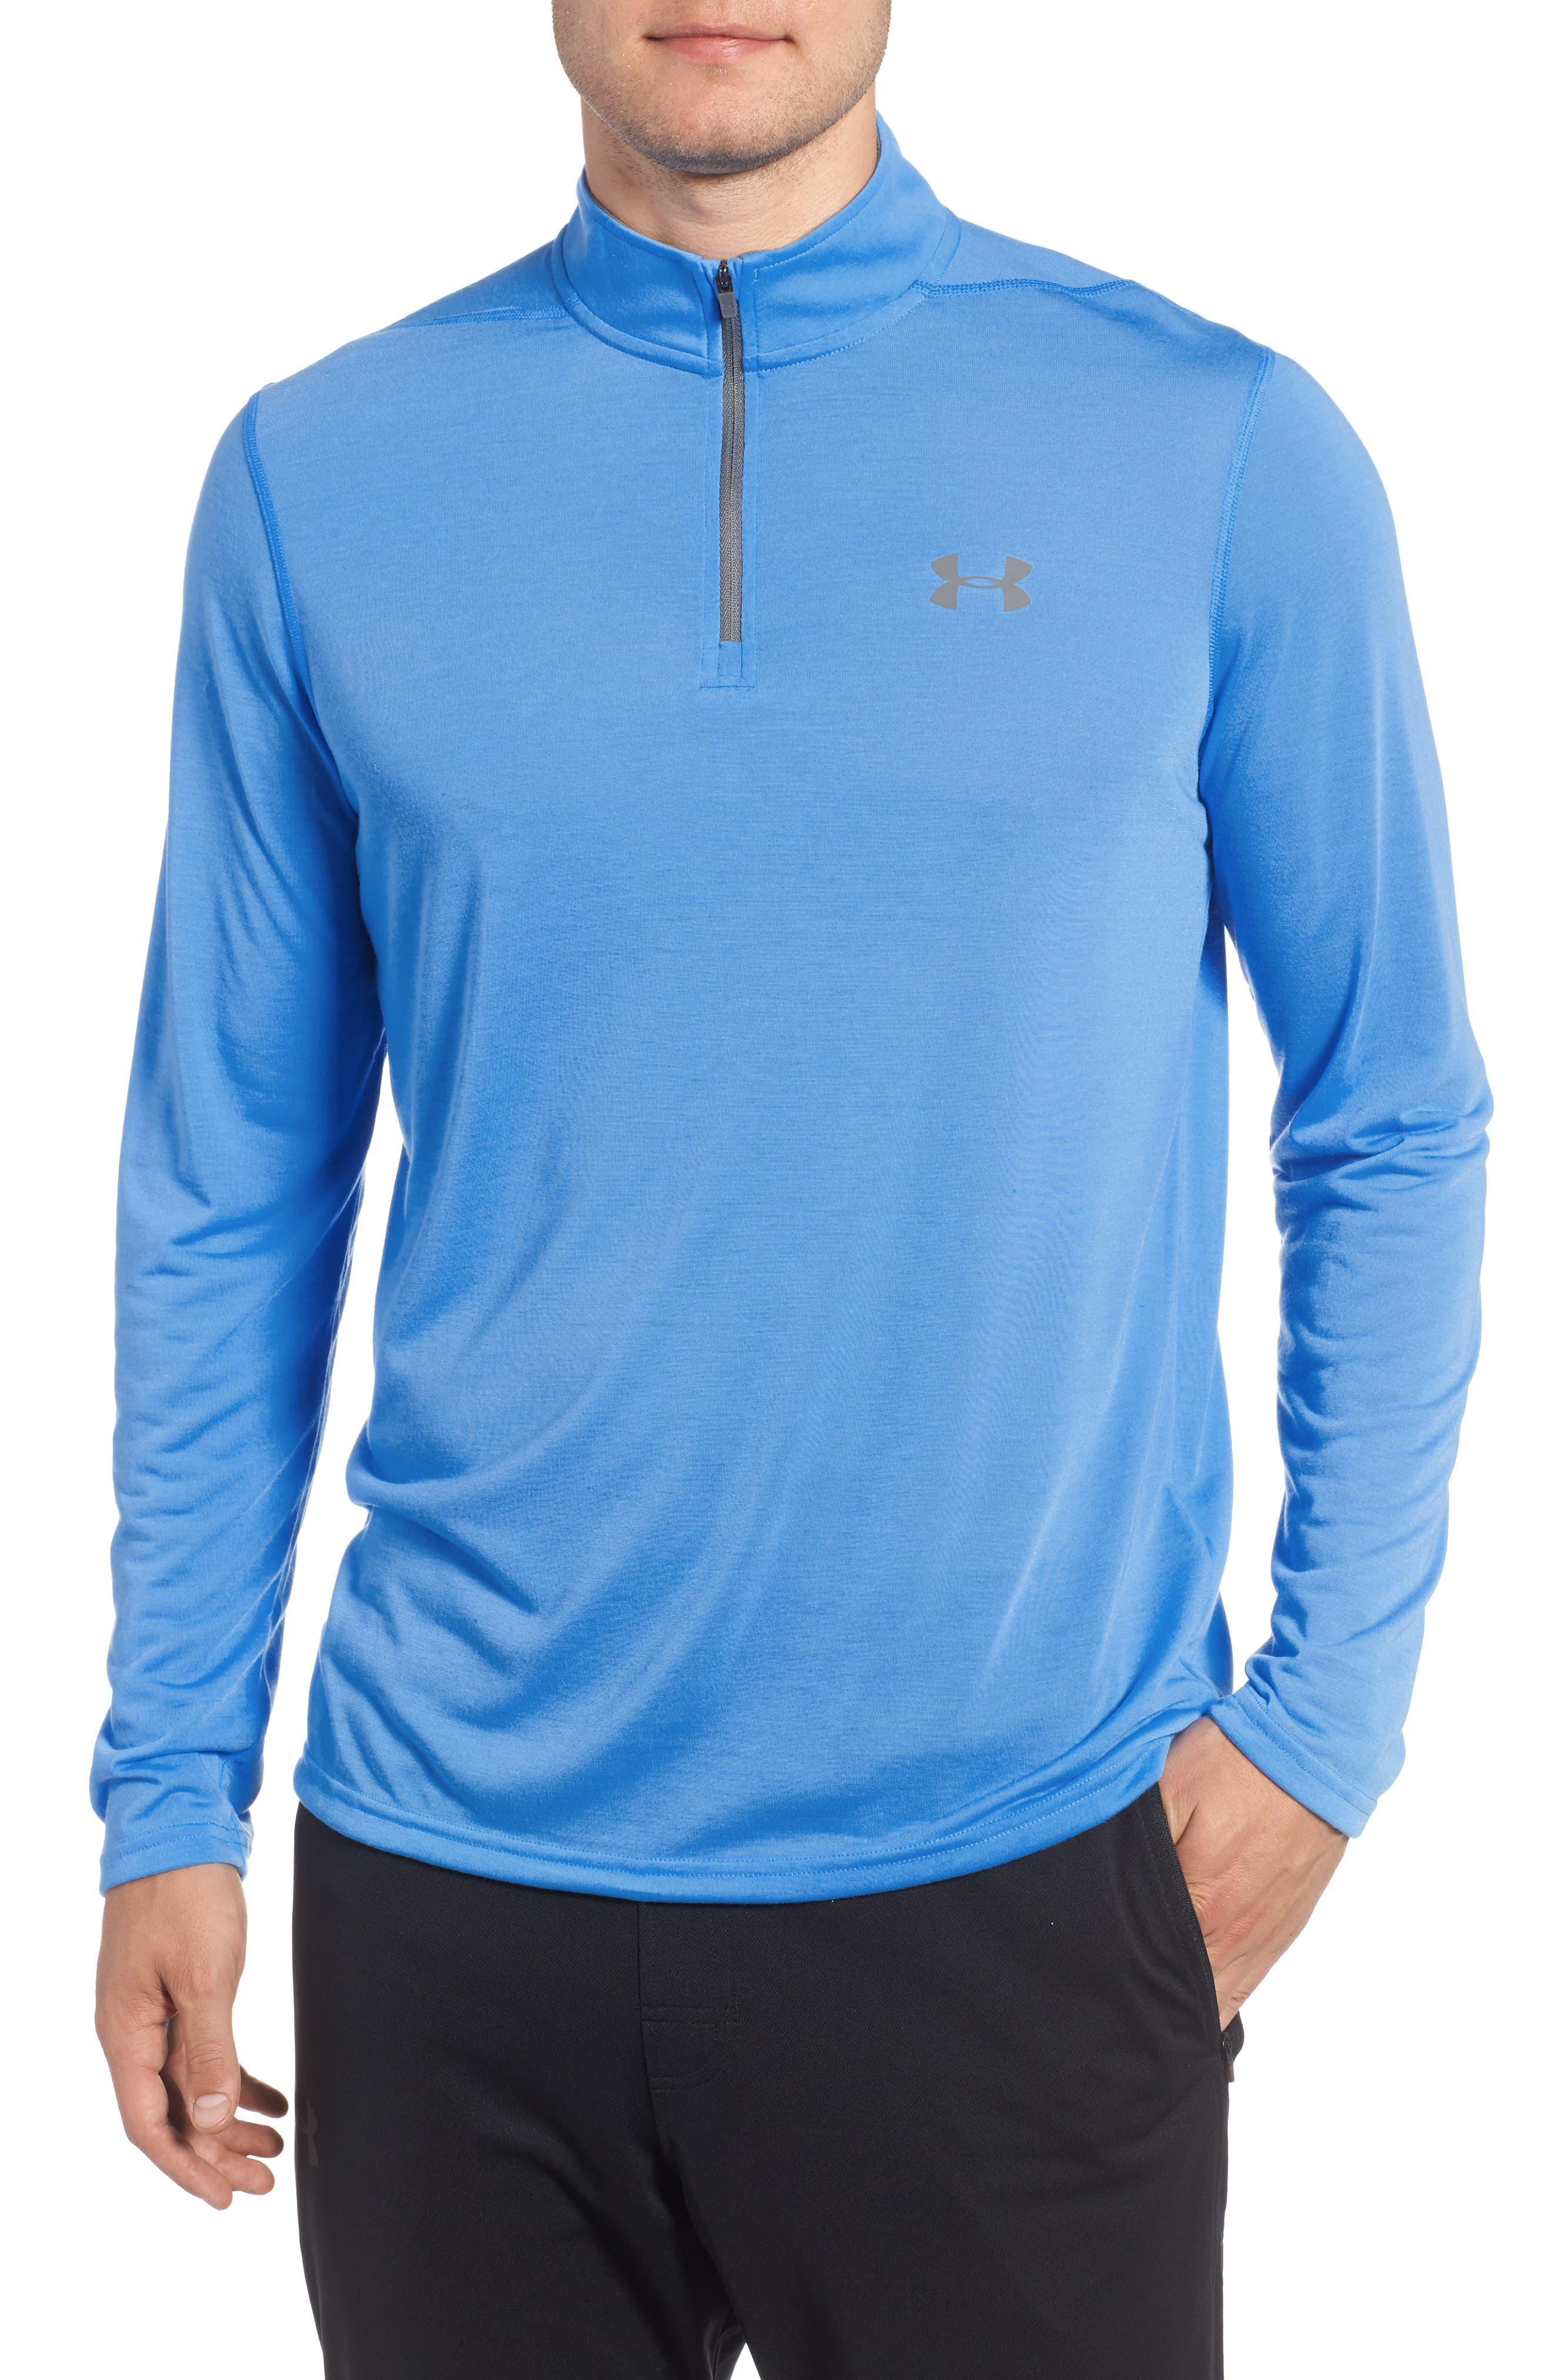 Threadborne Quarter-Zip Performance Shirt,                         Main,                         color, Mako Blue / Graphite